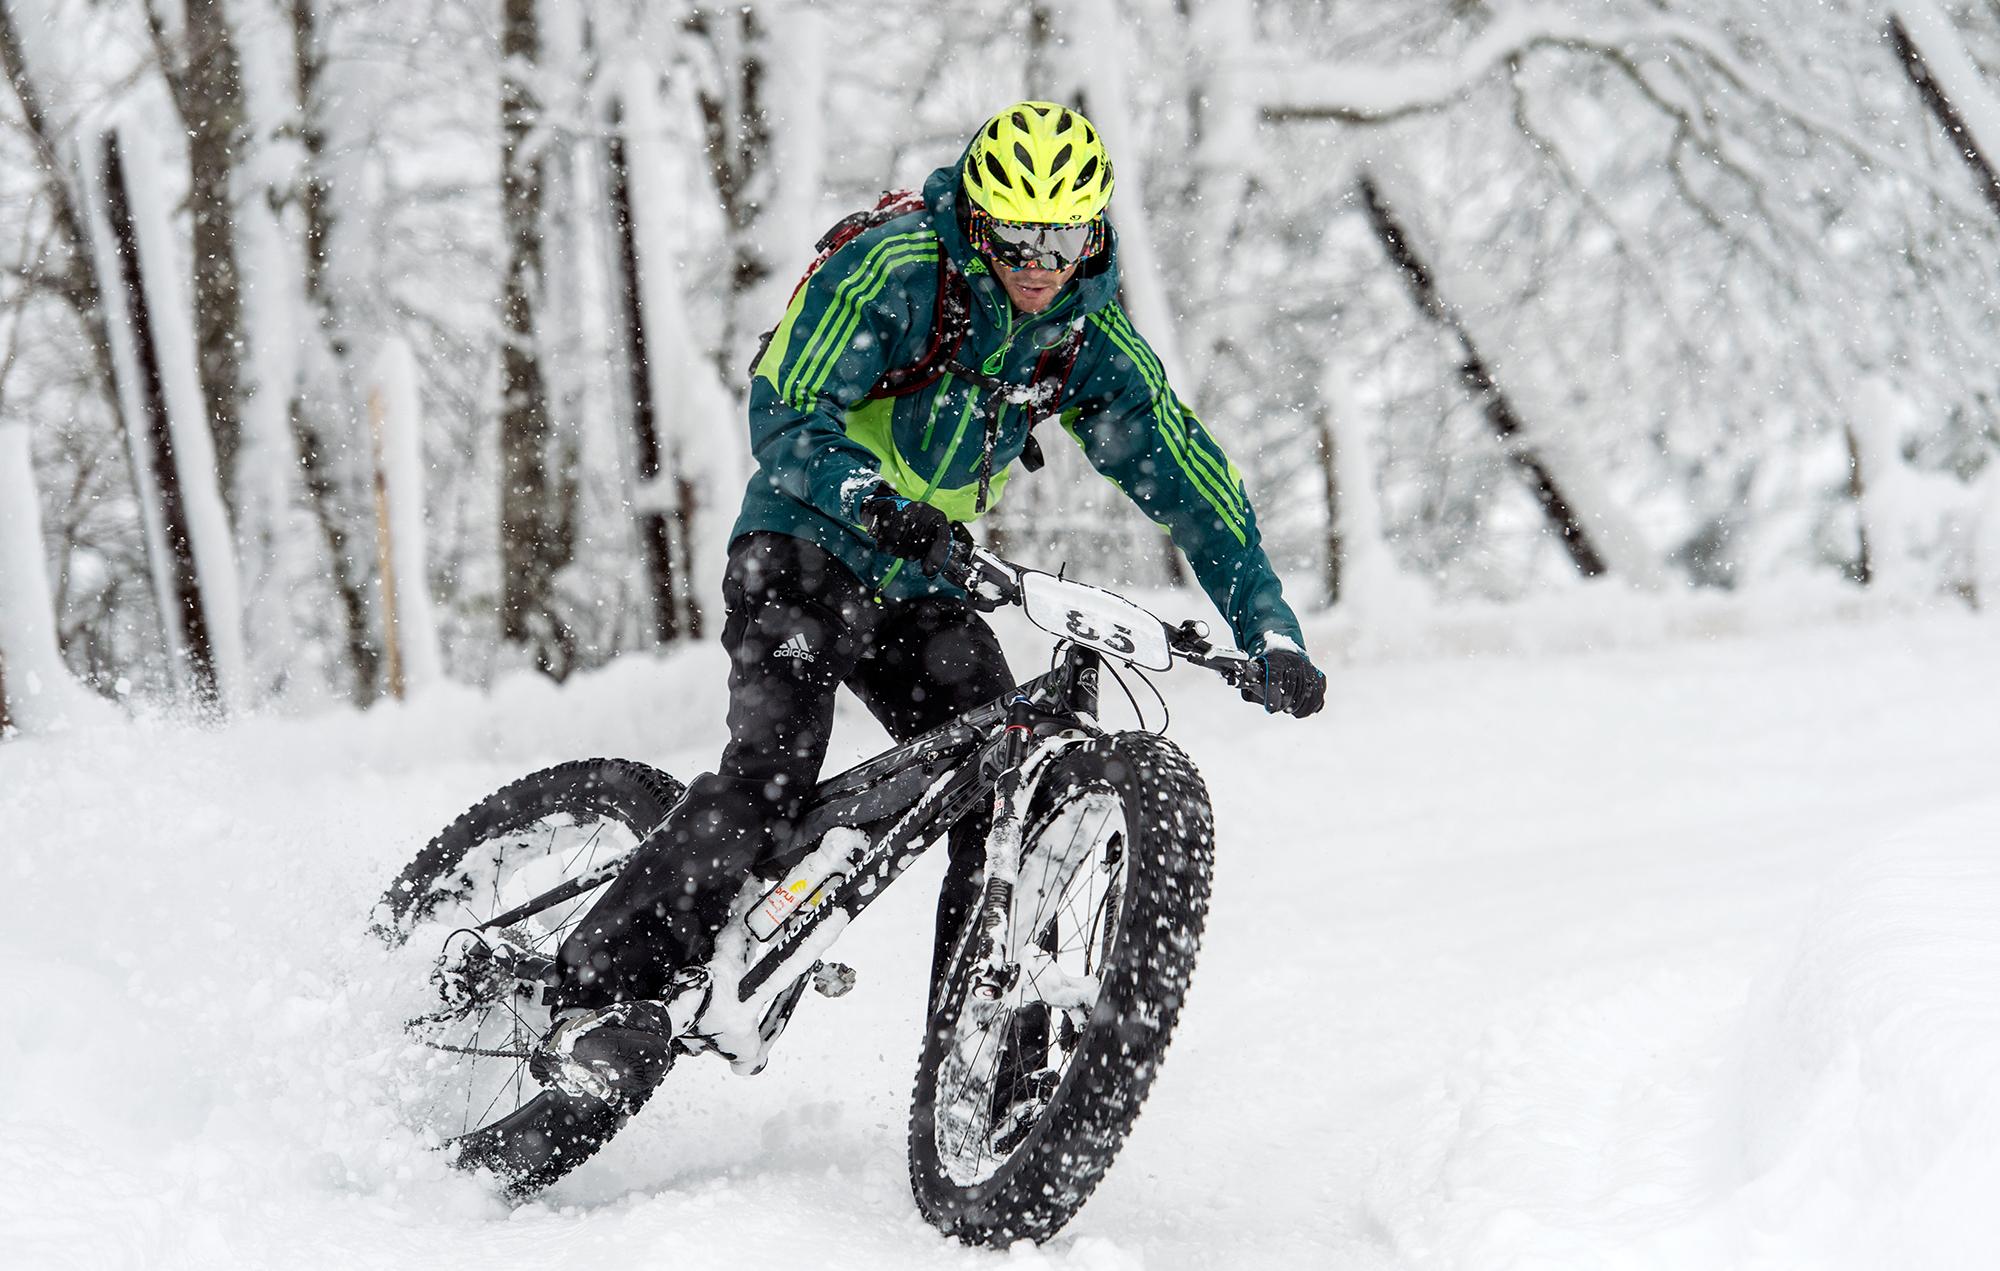 mountainbike snow winter extreme - photo #28